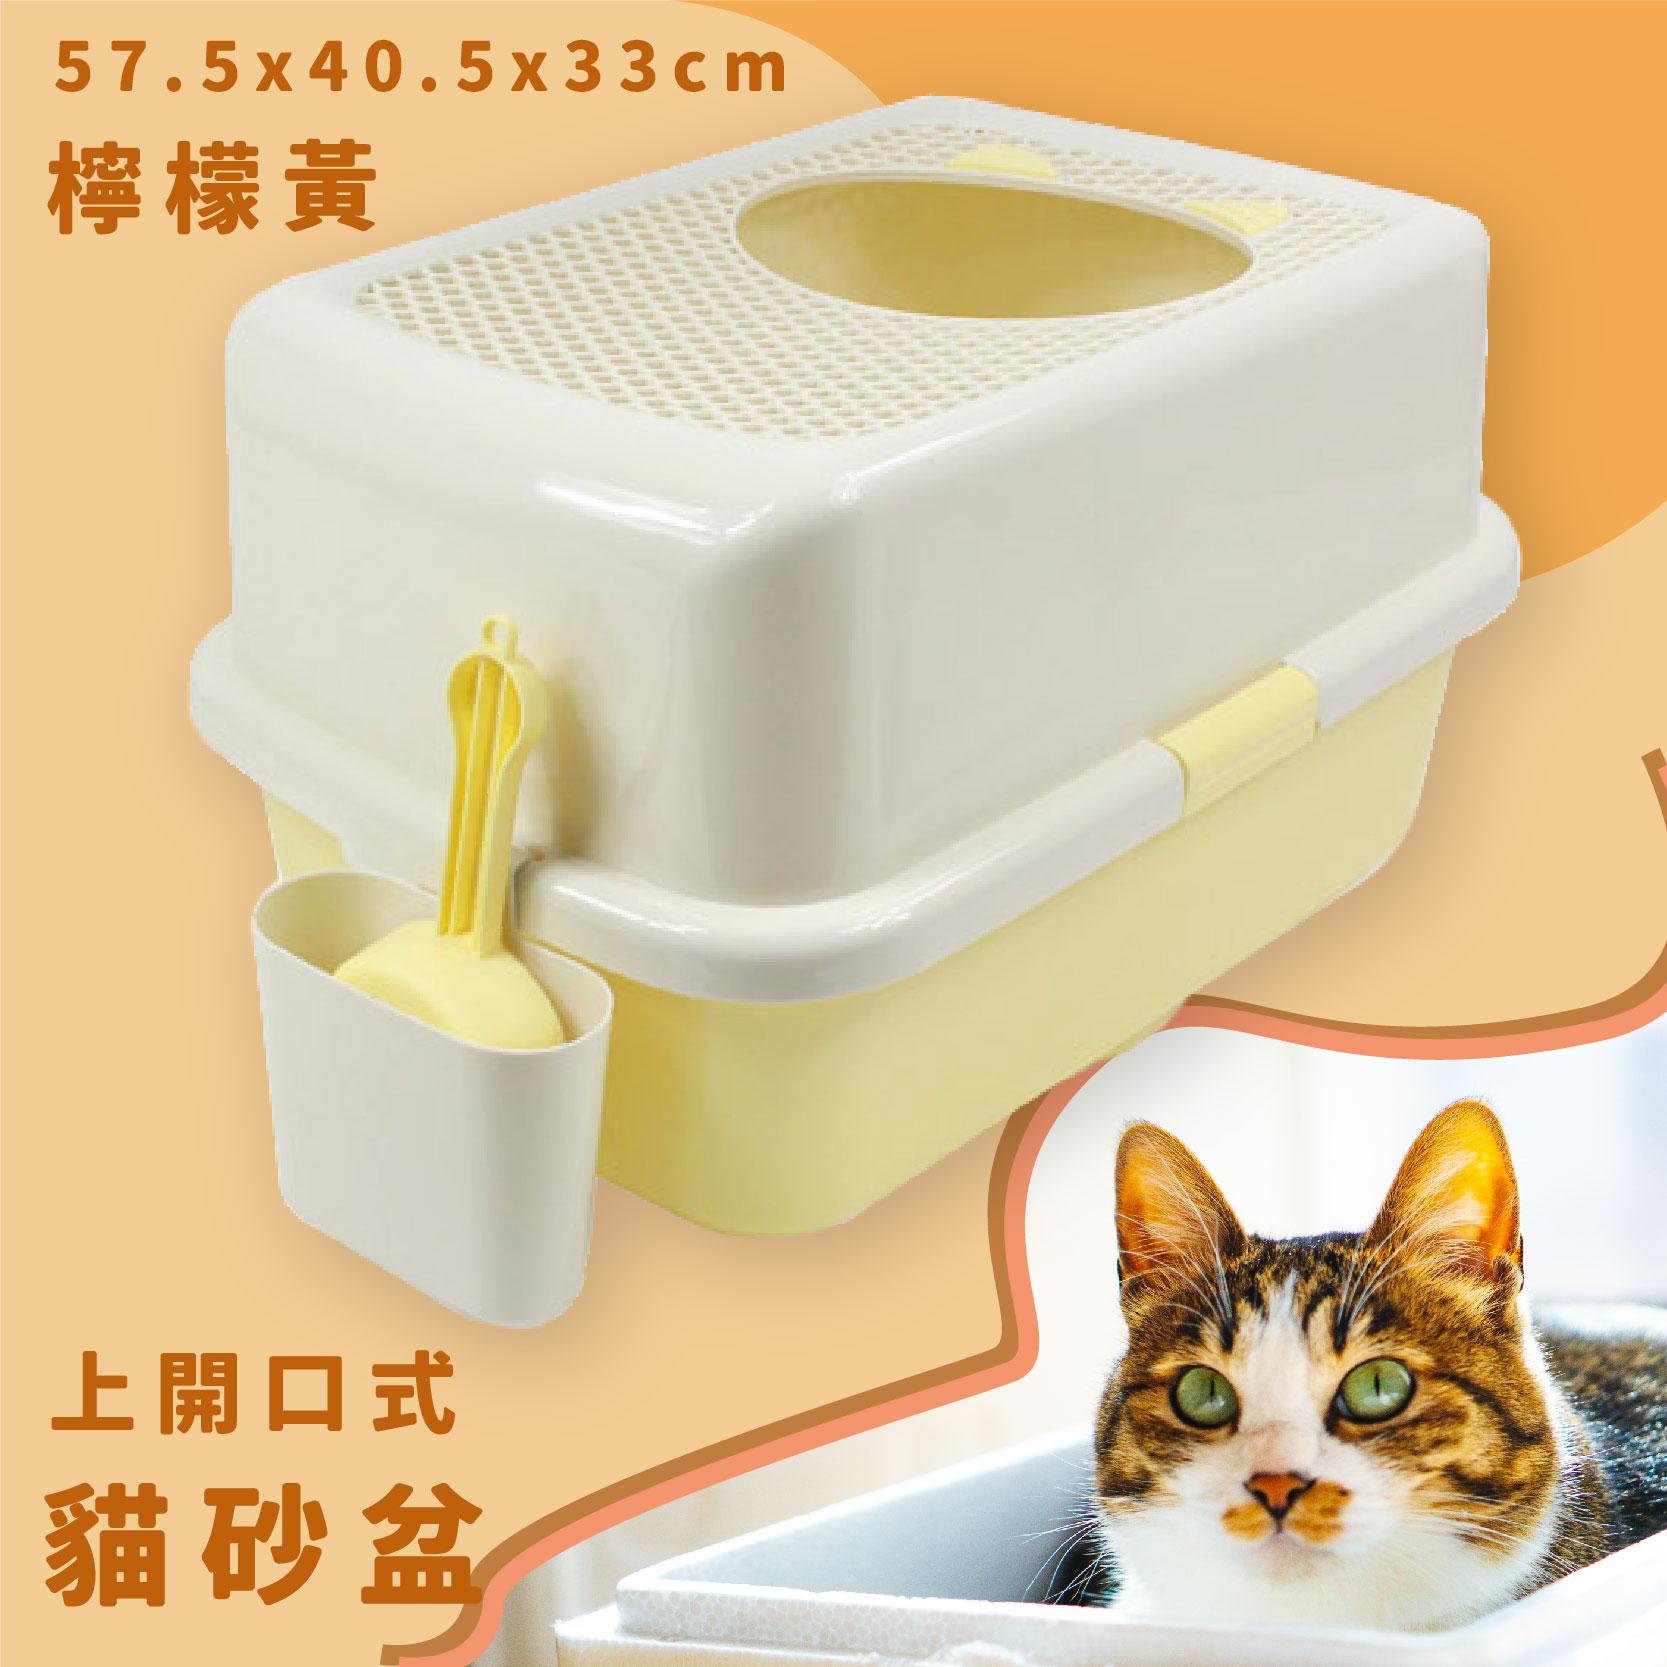 貓皇駕到 上開口式貓砂盆 檸檬黃 方便清掃 蜂巢式上蓋 落沙設計 貓廁所 貓用品 寵物用品